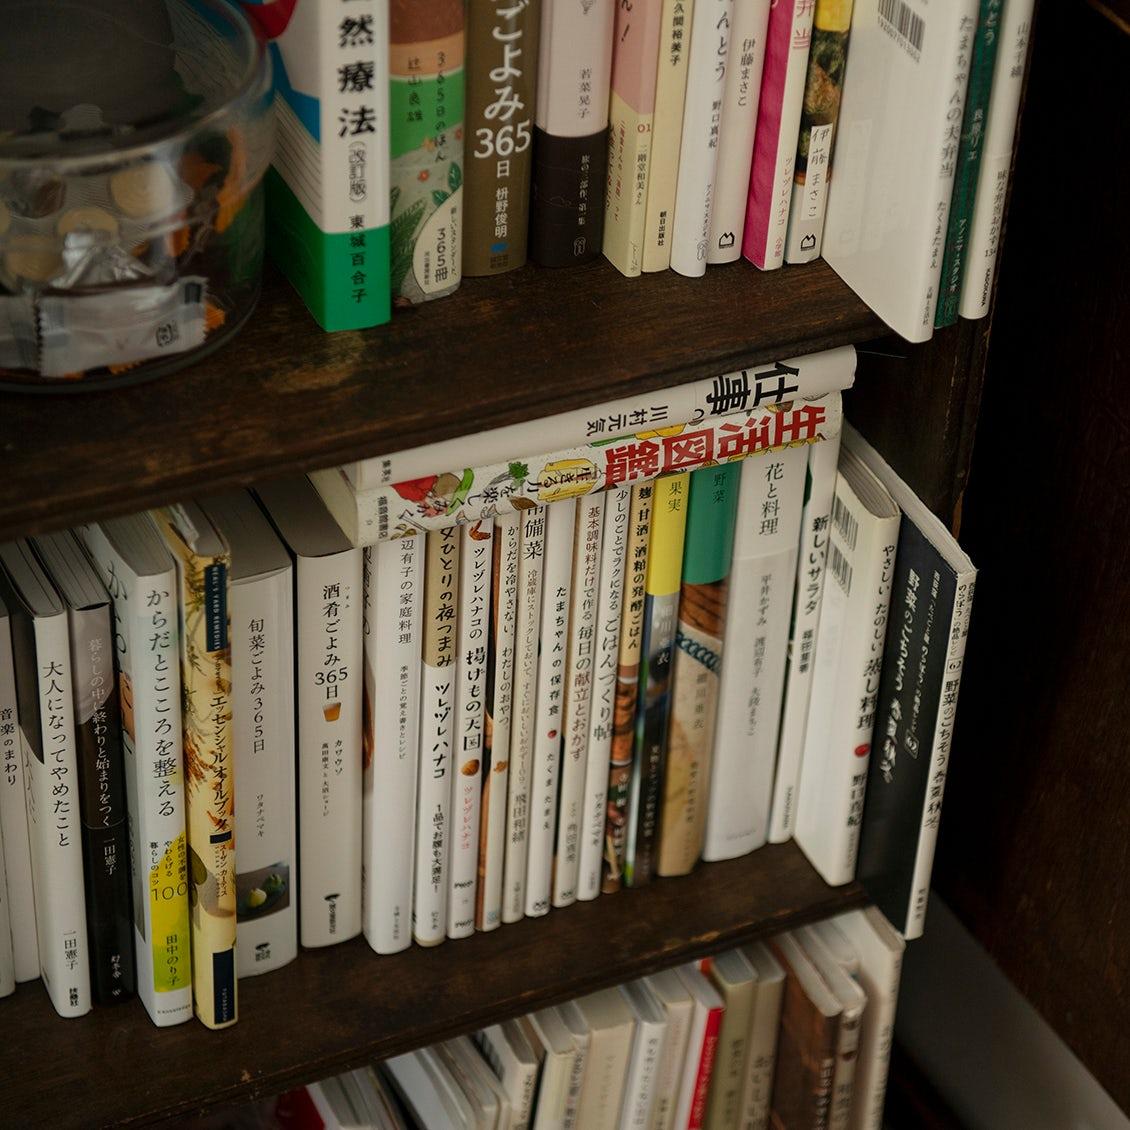 【わたしと本棚】家時間のおともに読みたい、お気に入りの2冊(フォトグラファー・馬場わかなさん)